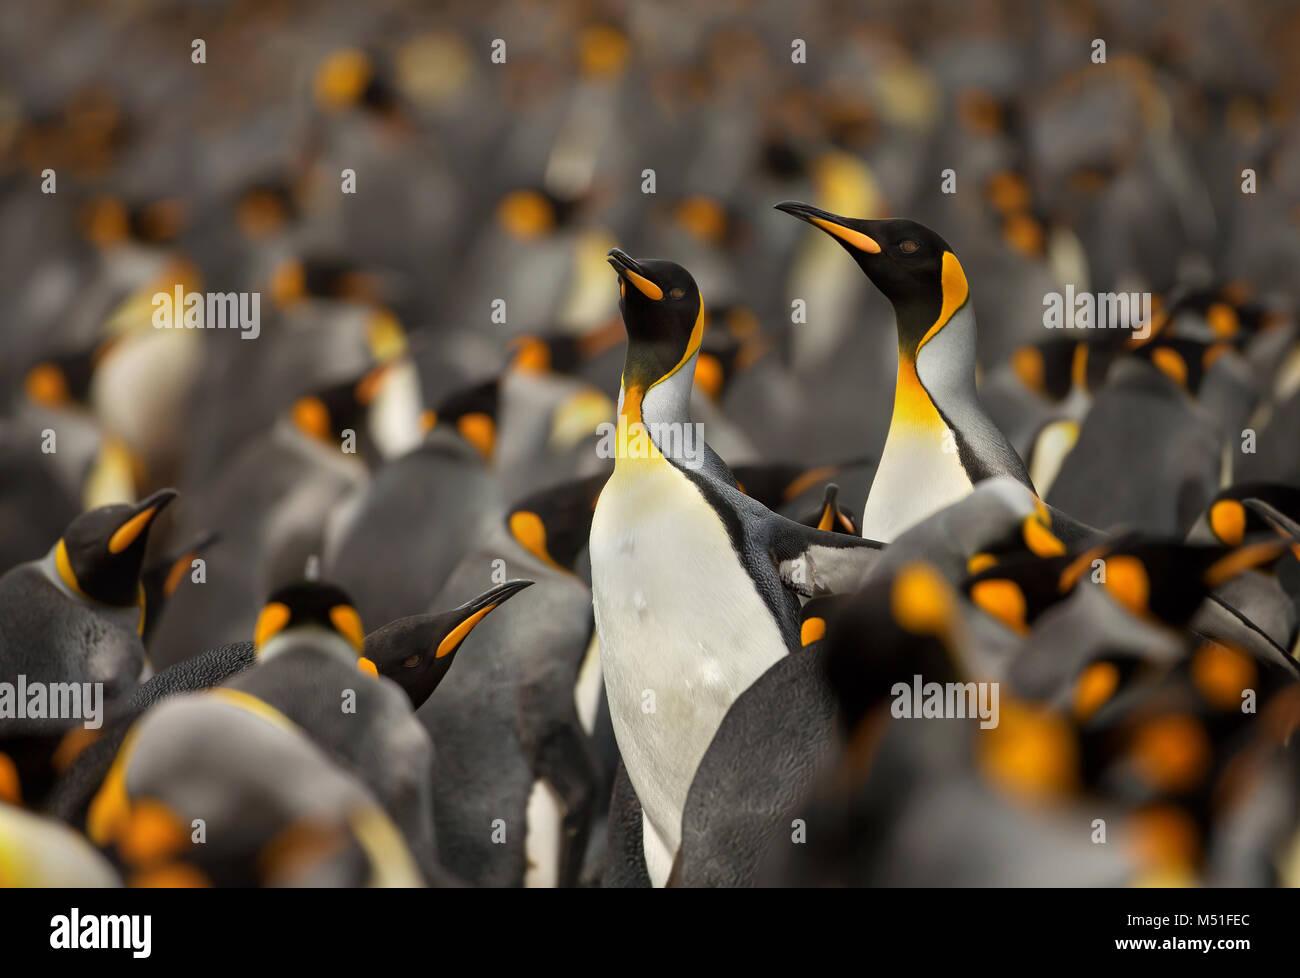 Manchot royal (Aptenodytes patagonicus) colonie dans les îles Falkland. Banque D'Images